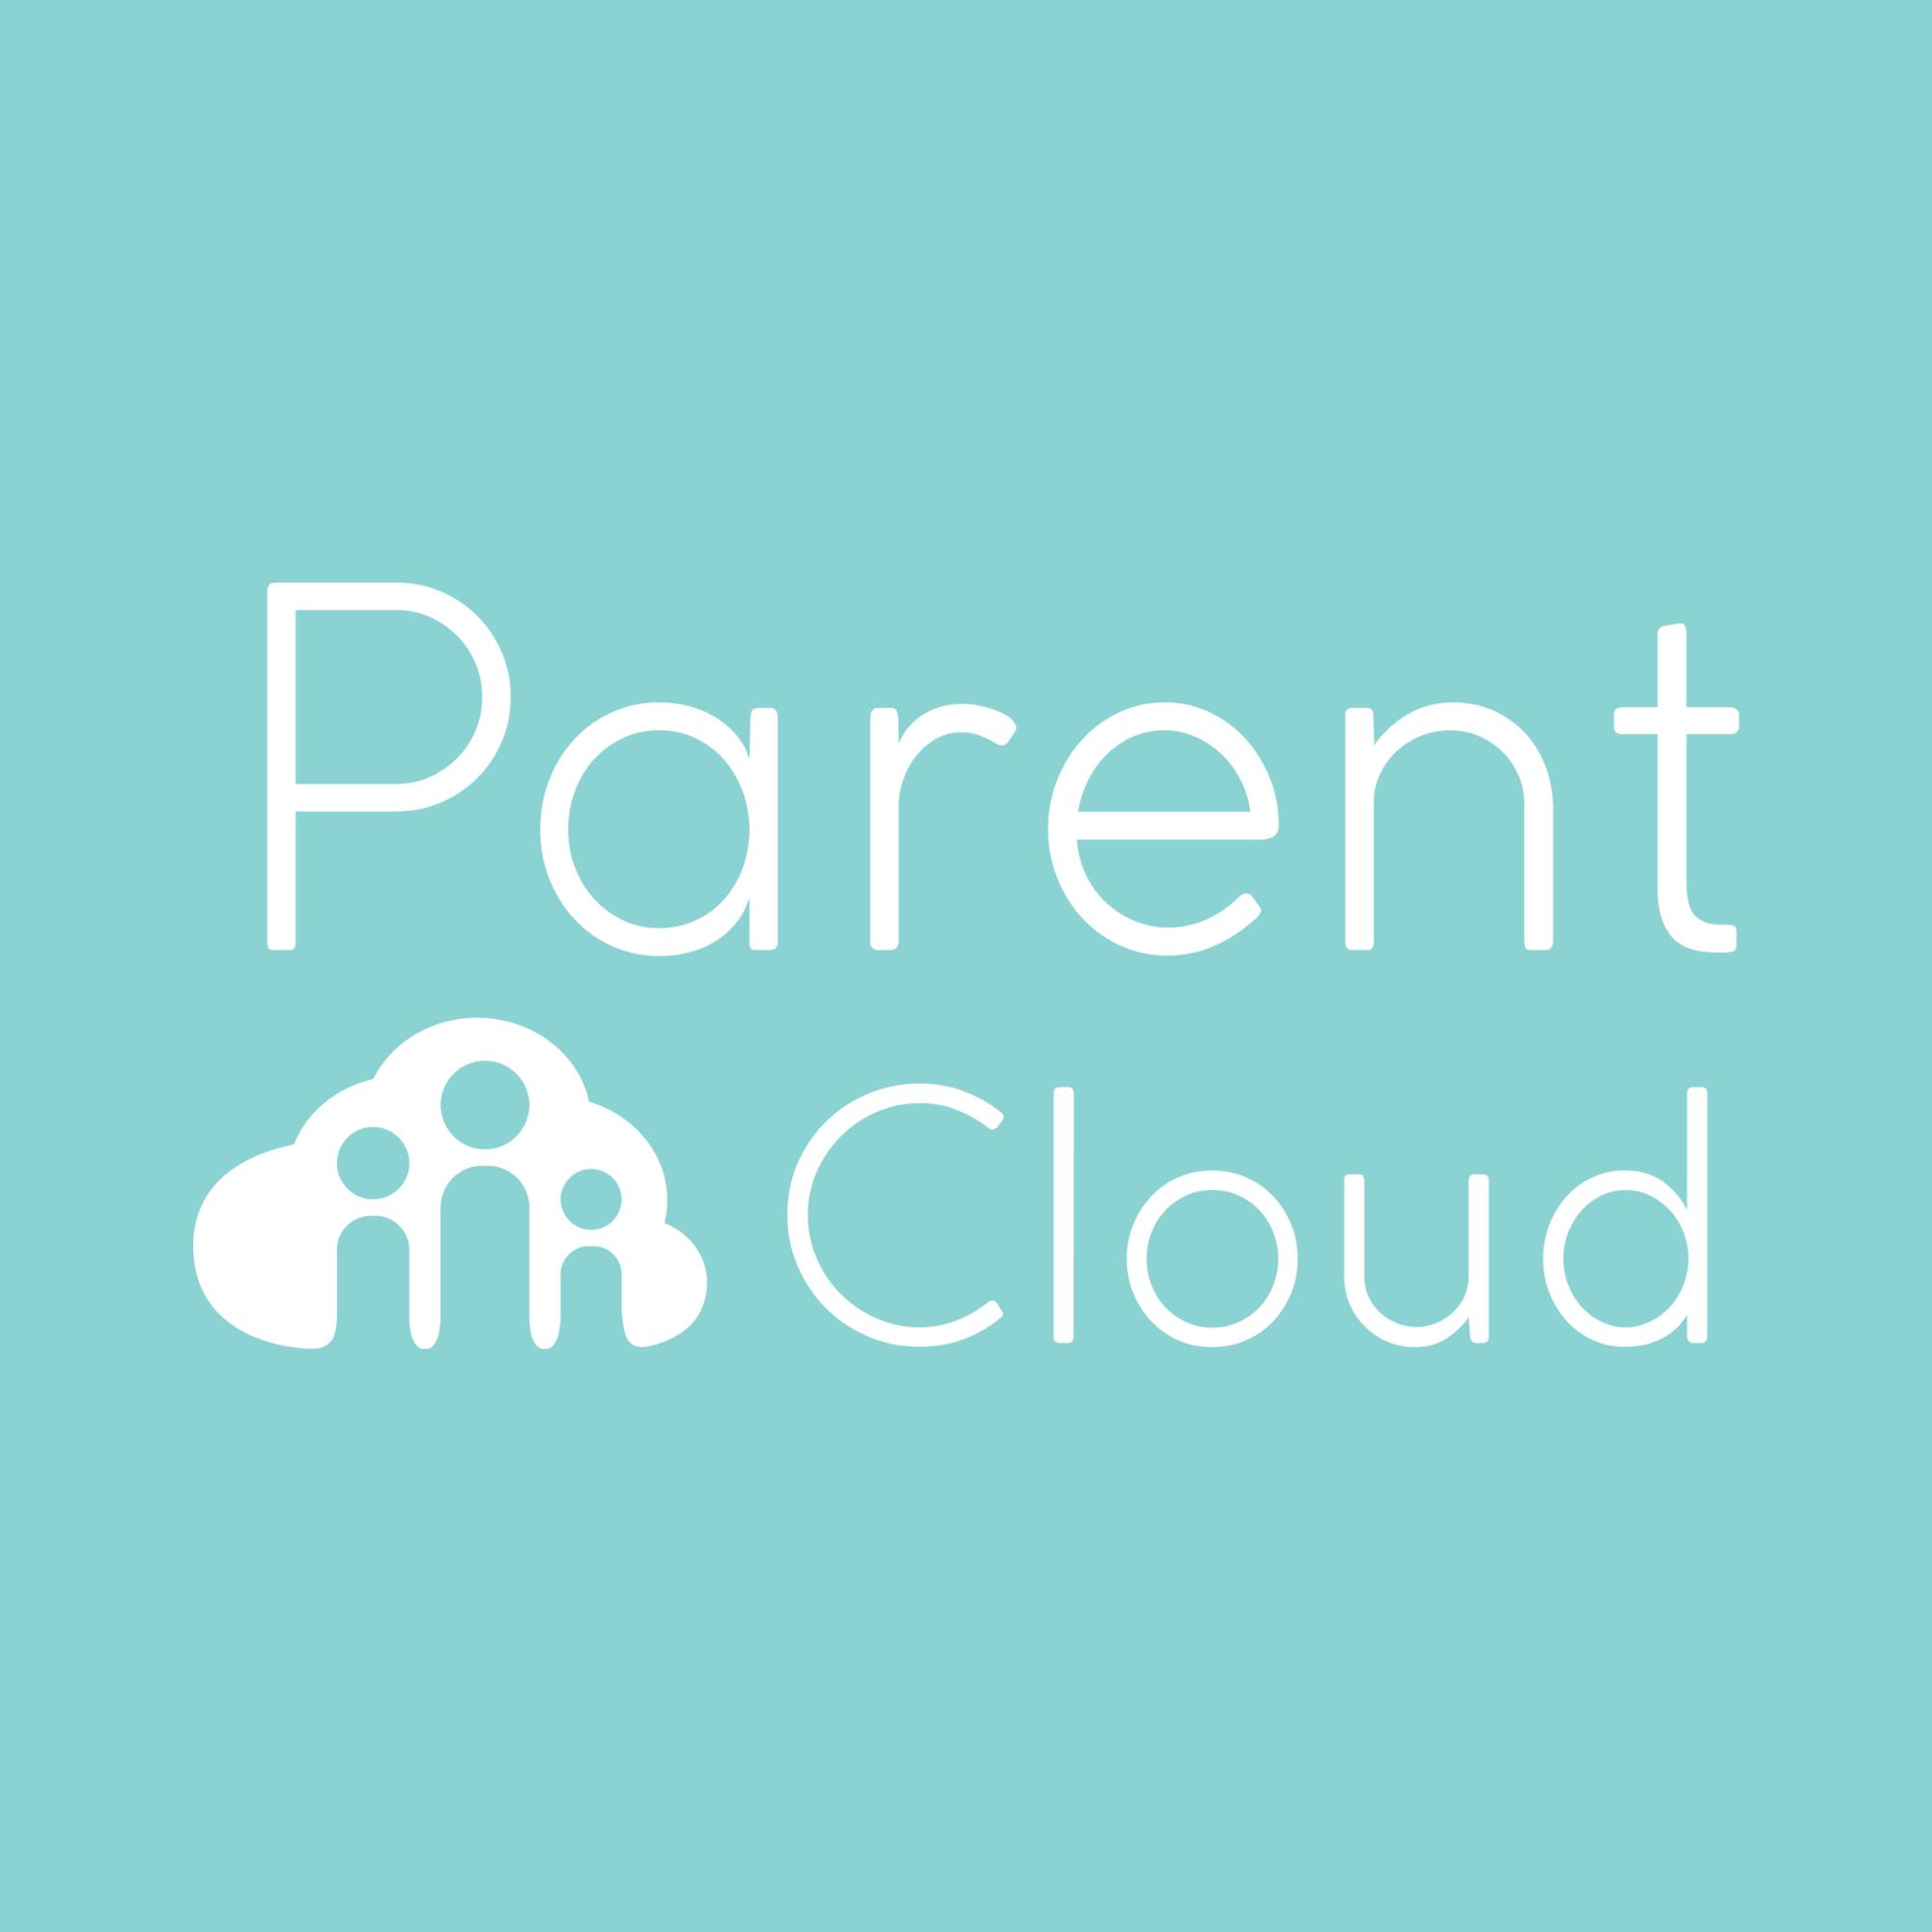 Parent Cloud